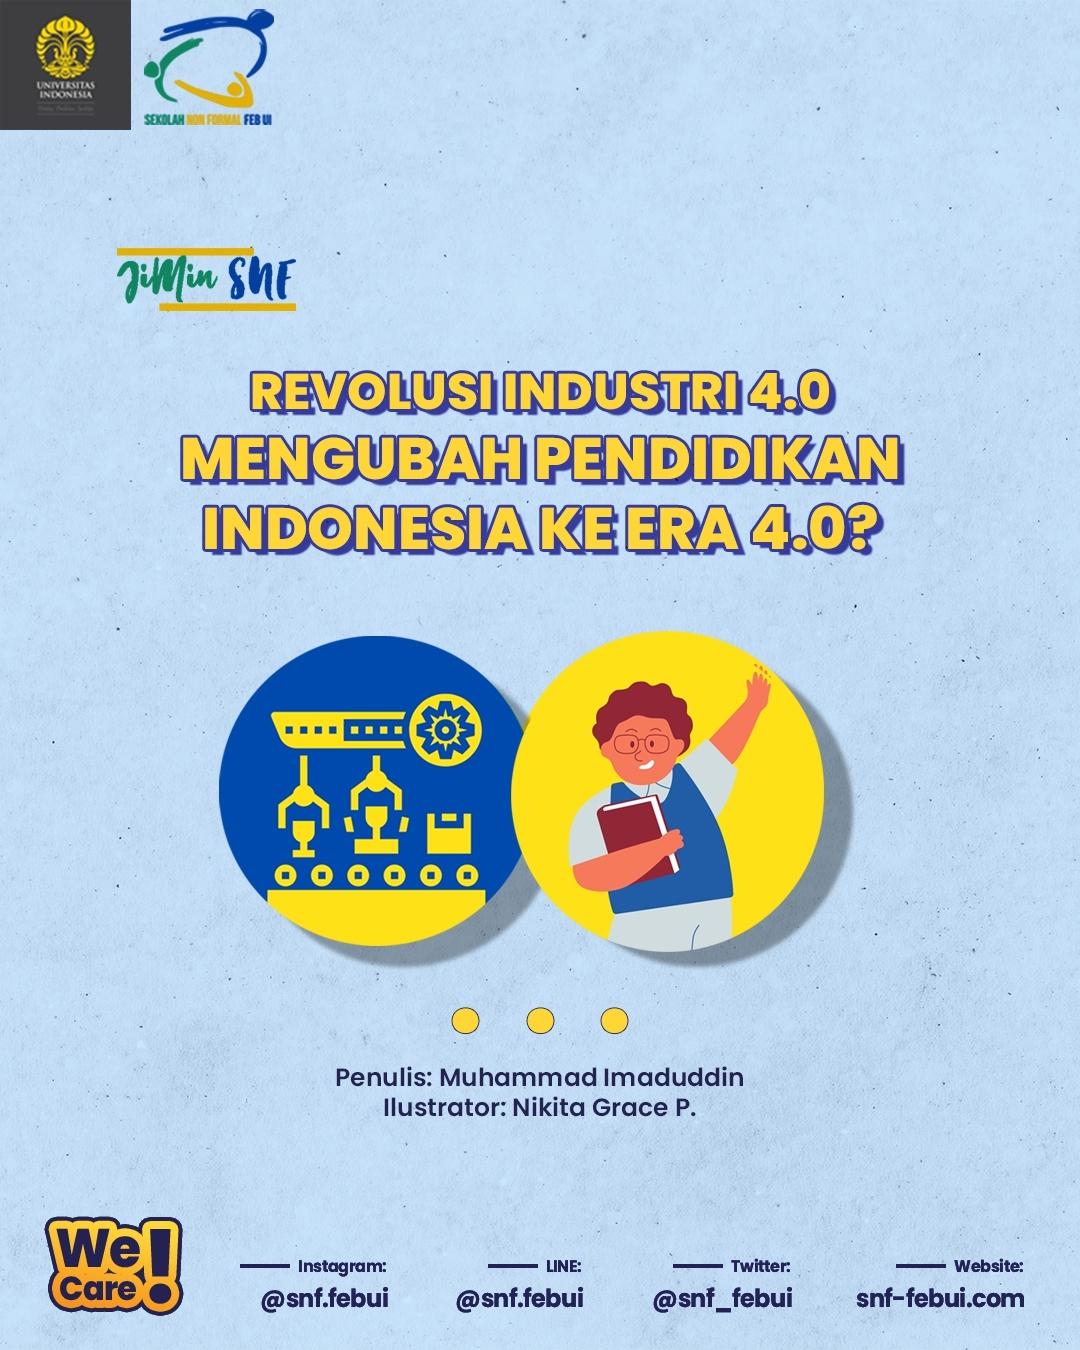 [JIMIN SNF: Revolusi Industri 4.0 Mengubah Pendidikan Indonesia ke Era 4.0?]